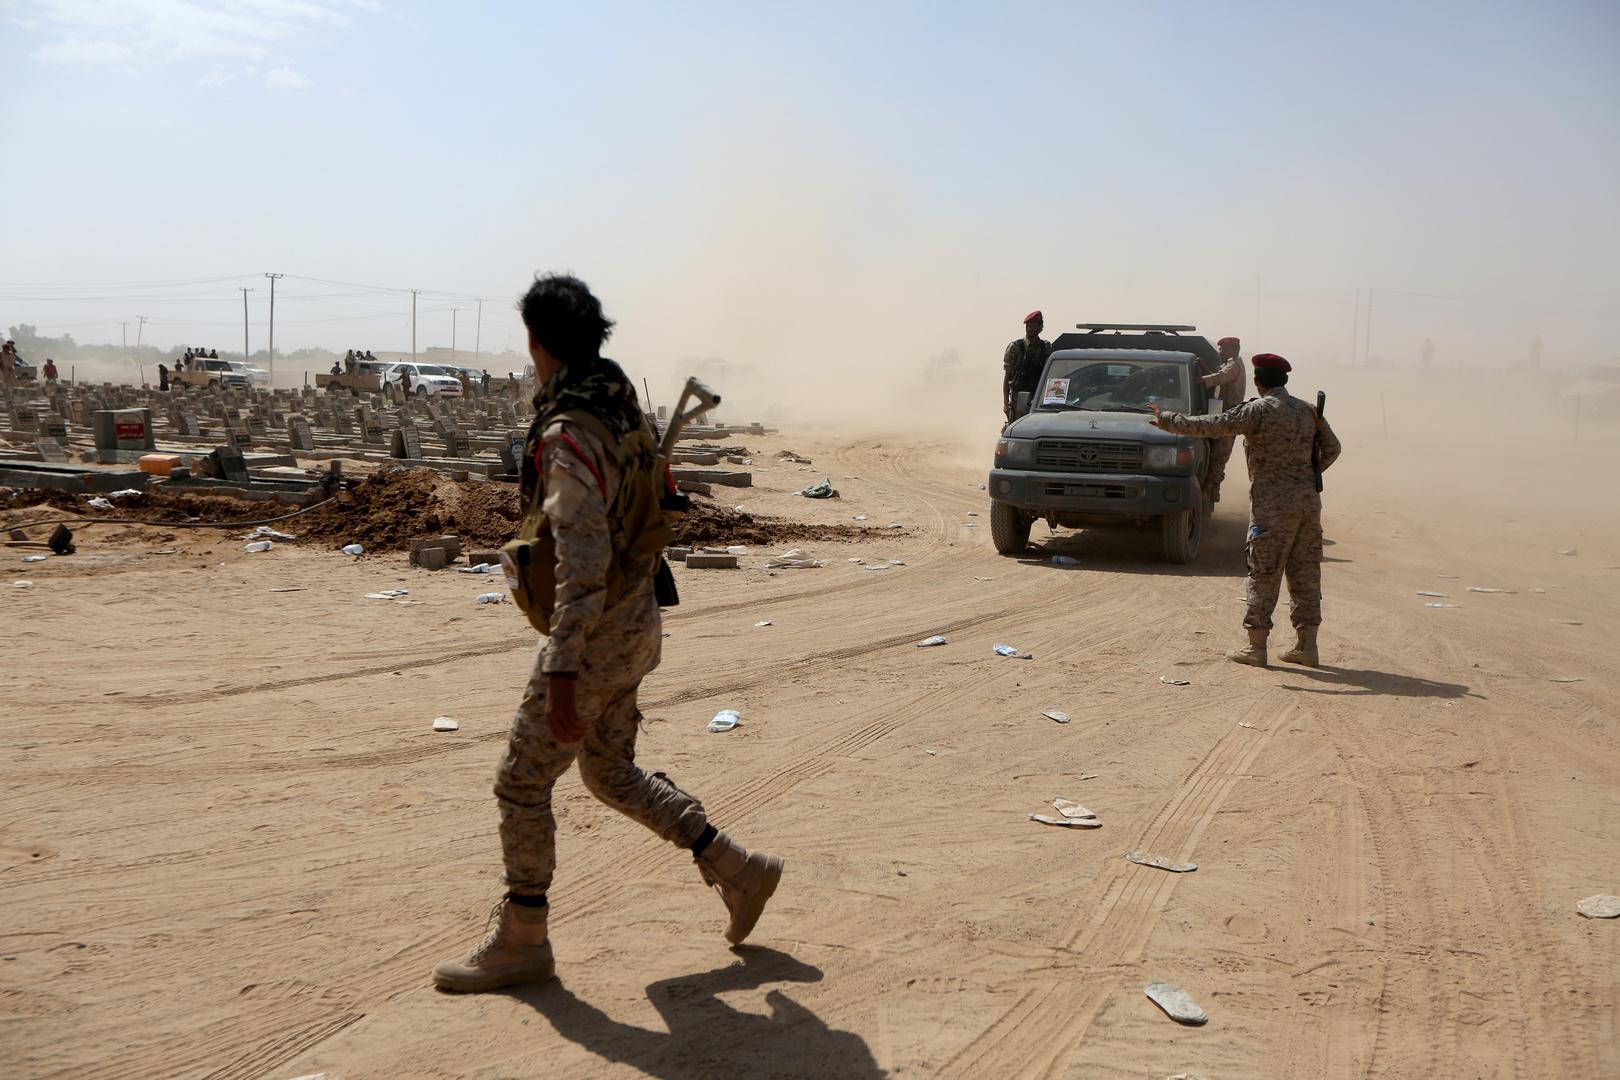 اليمن.. مقتل قيادات عسكرية من المجلس الانتقالي بهجوم نفذته طائرة مسيرة